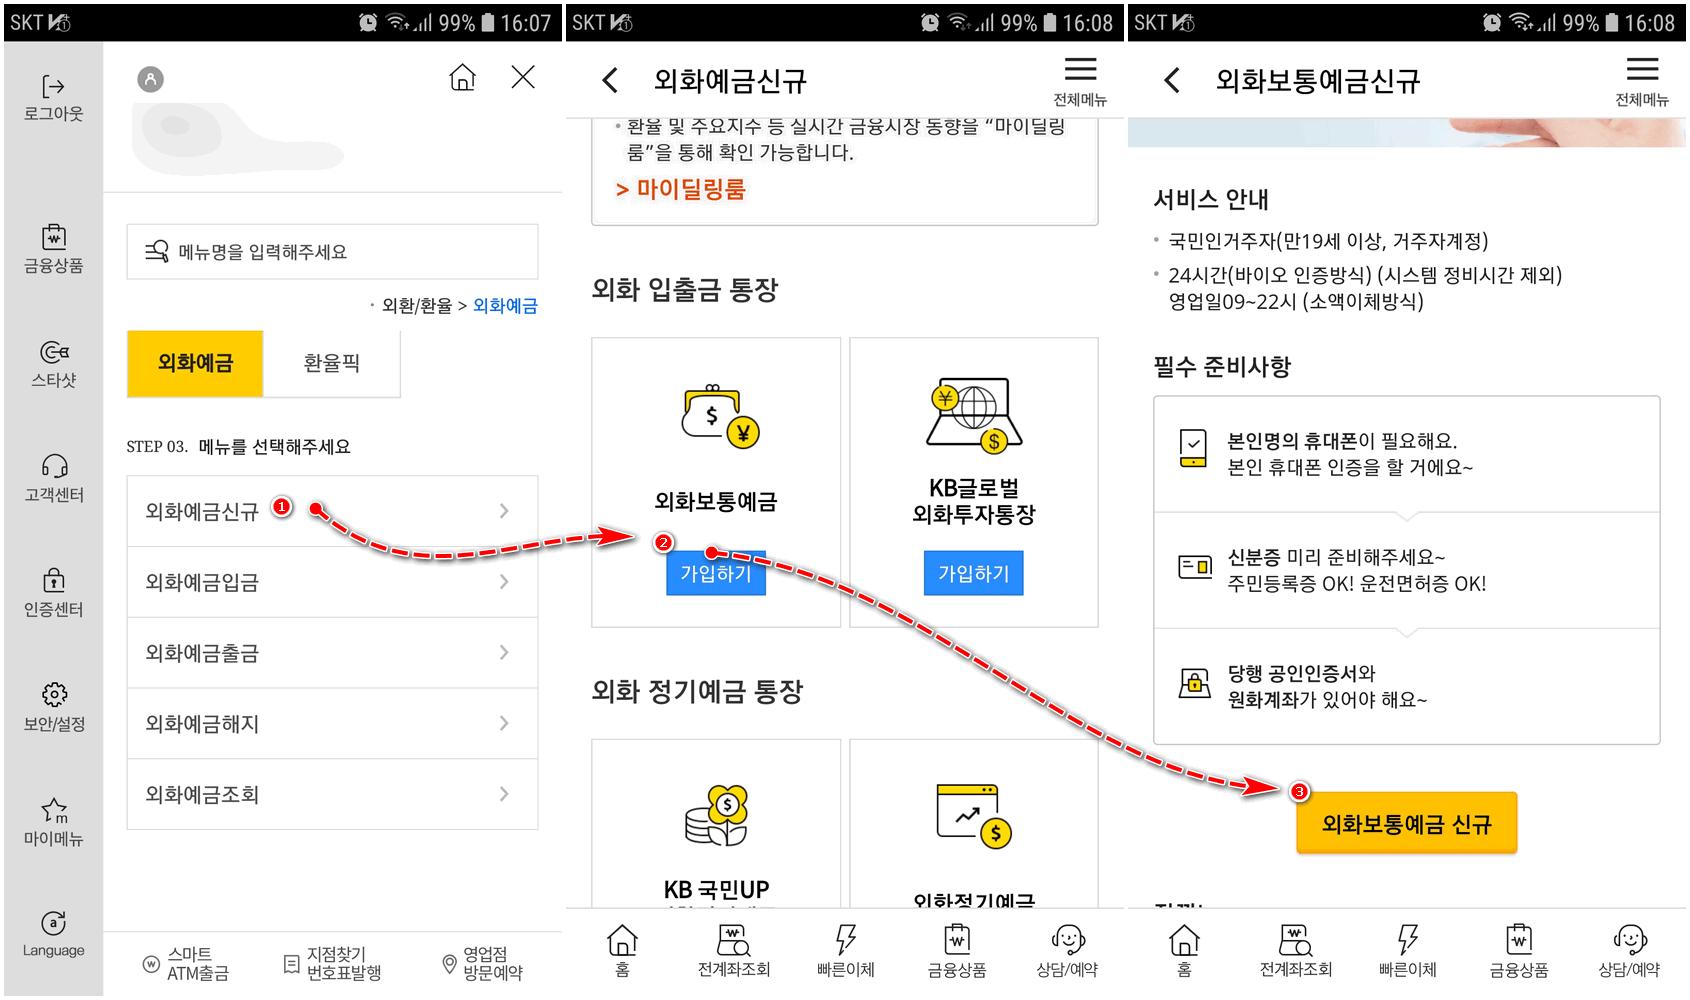 국민은행 외화통장 개설 절차2